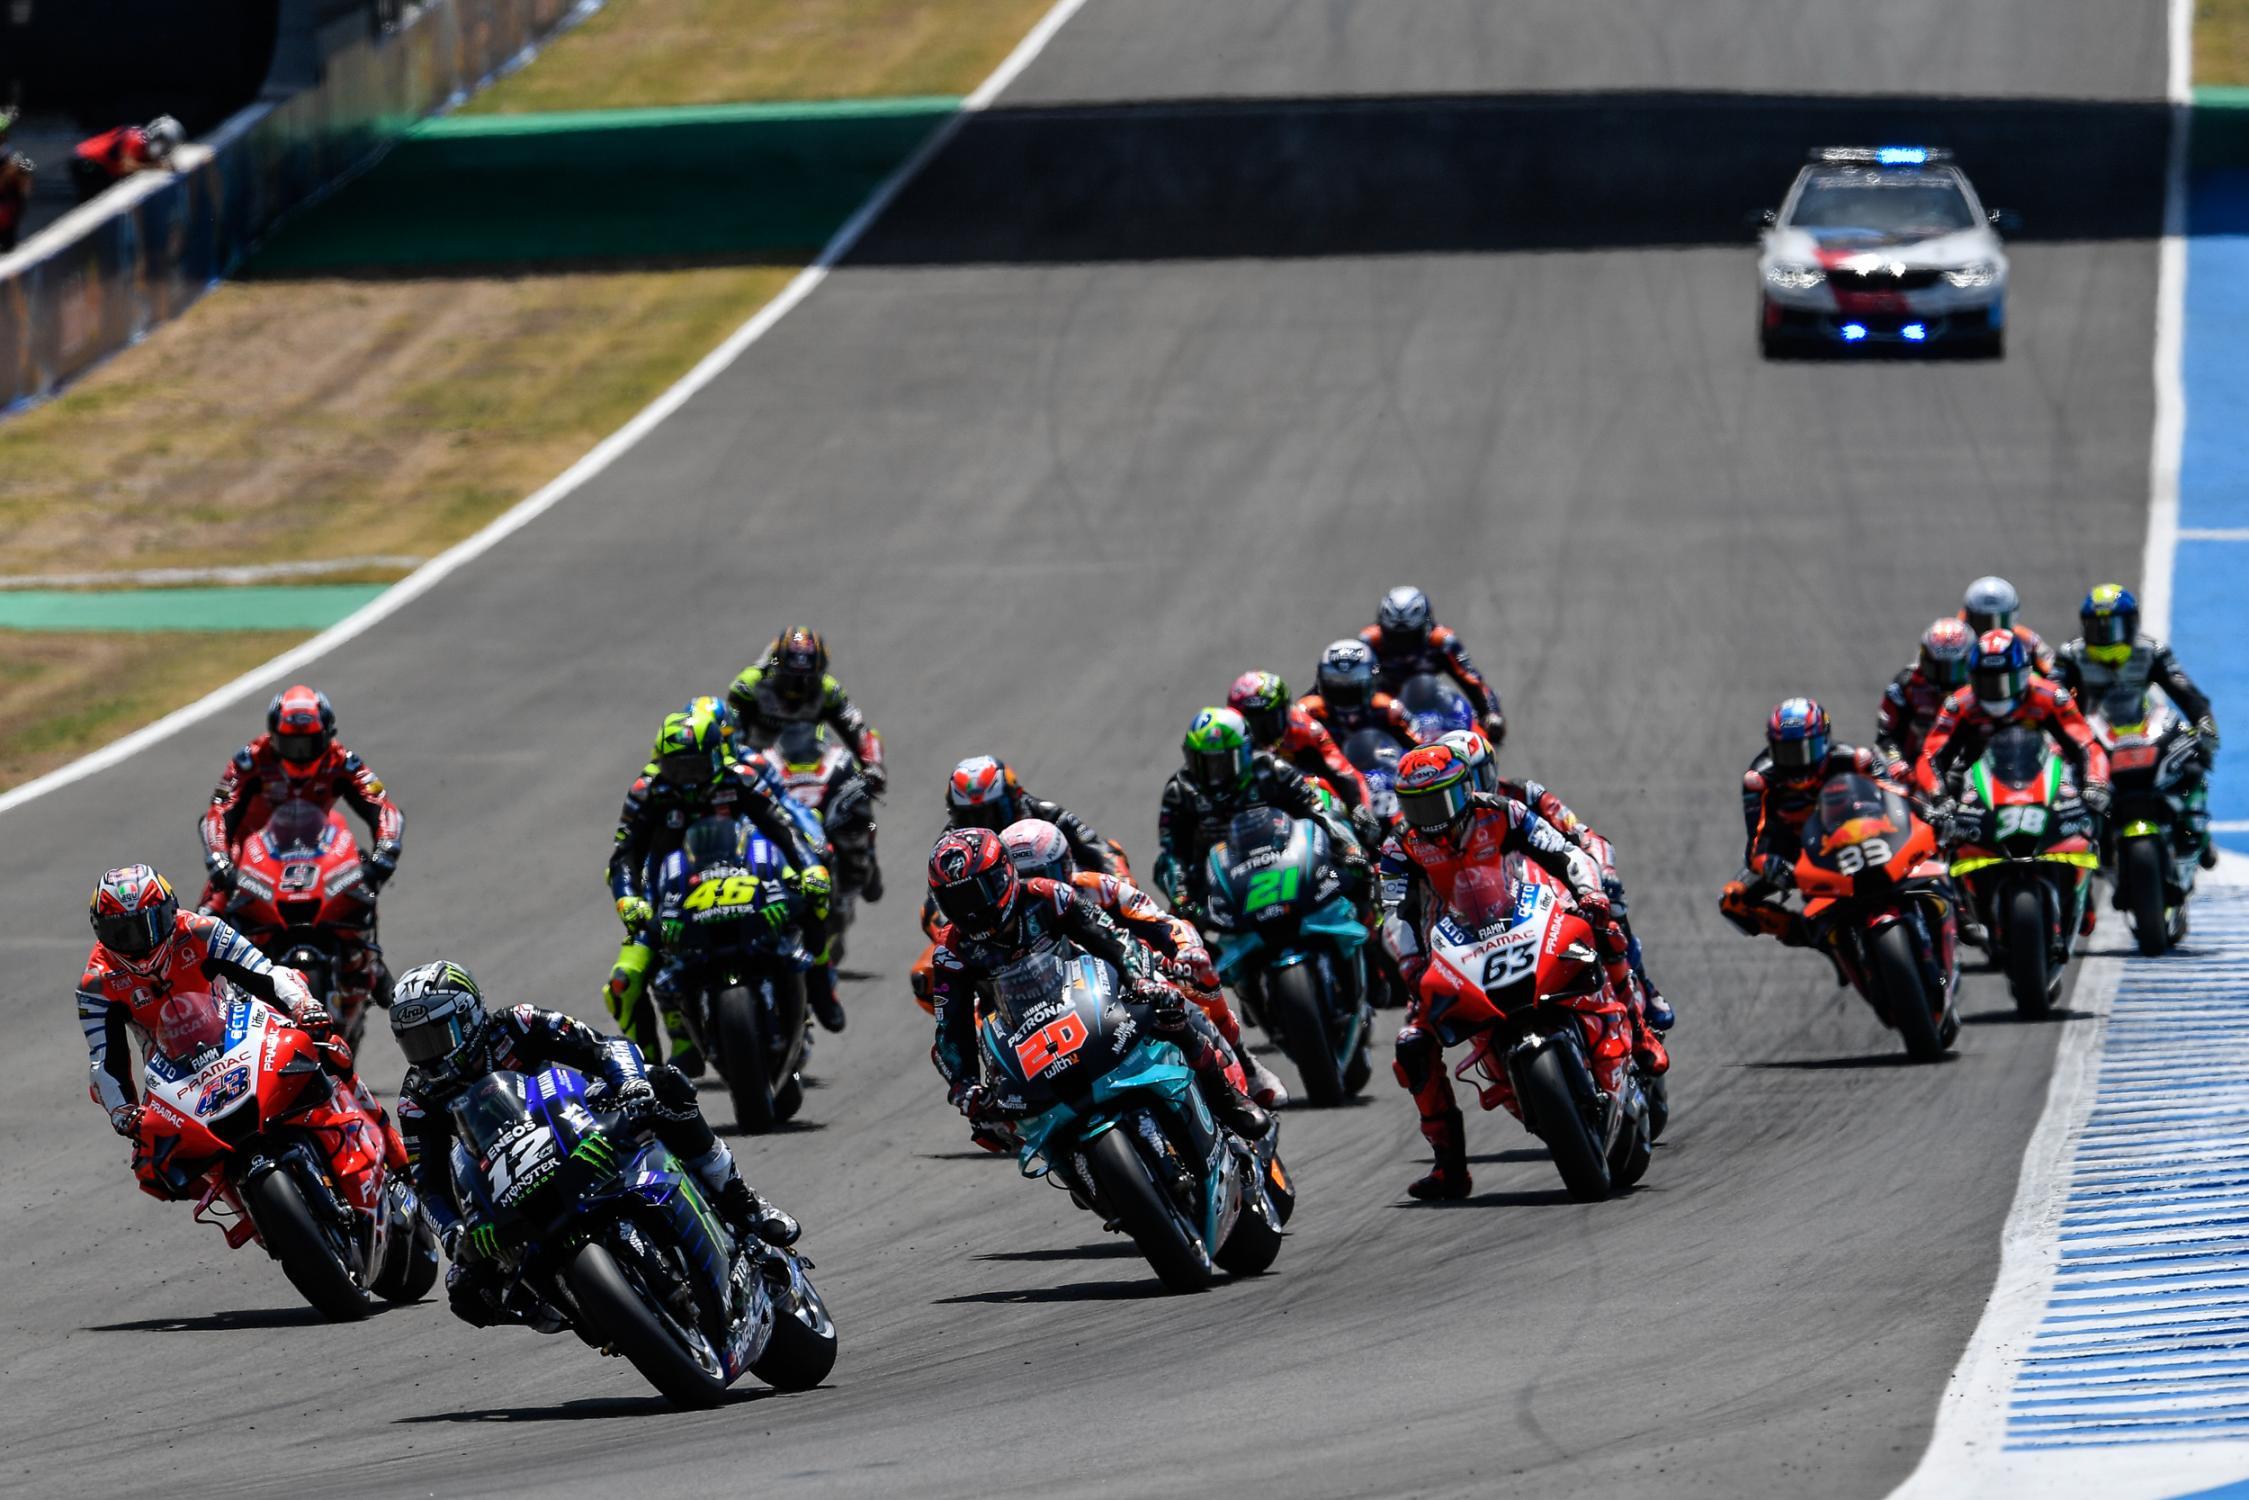 Calendrier Gp Moto 2021 Le calendrier MotoGP 2021 devrait sortir en octobre (Westacott